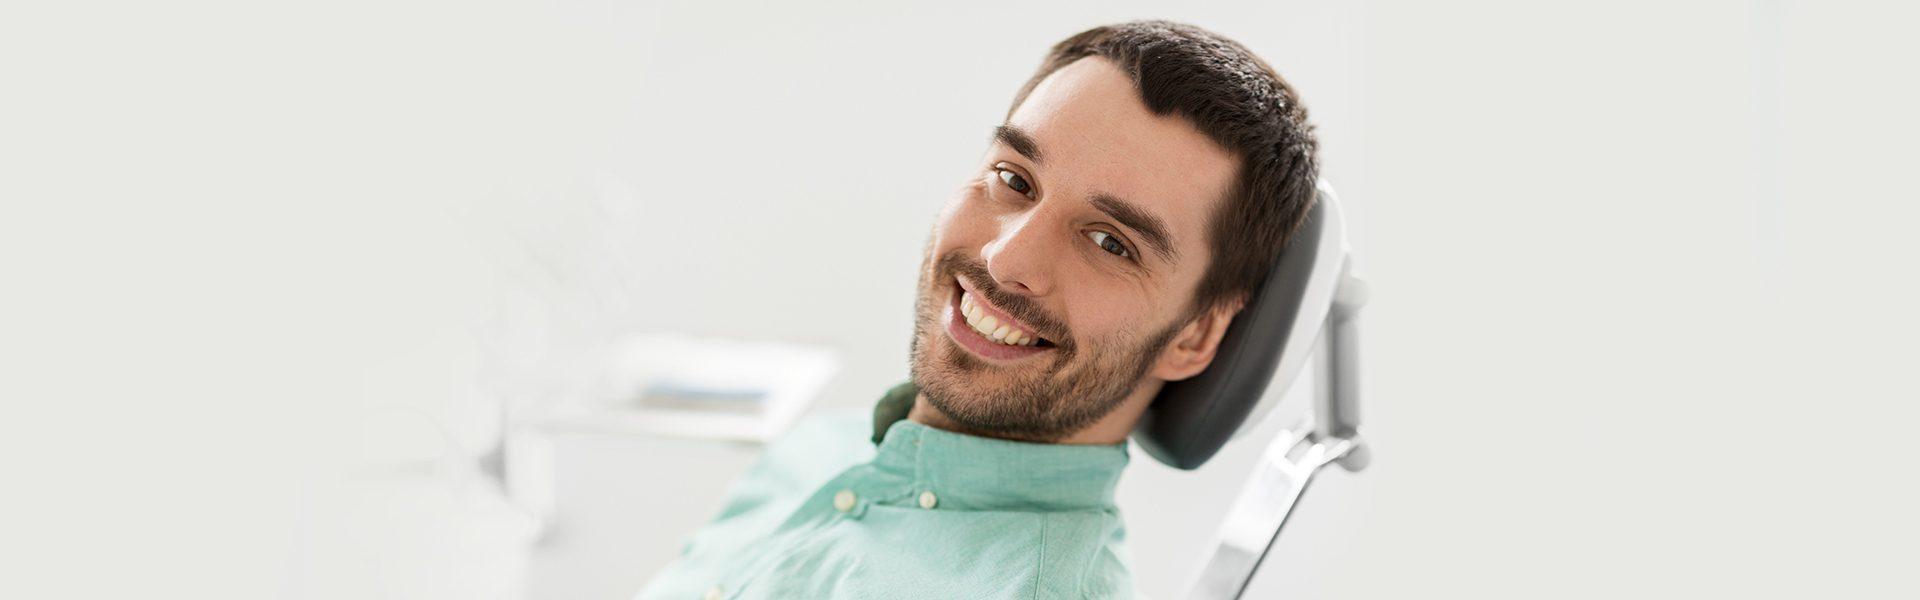 Types of Dental Bridges in Dentistry